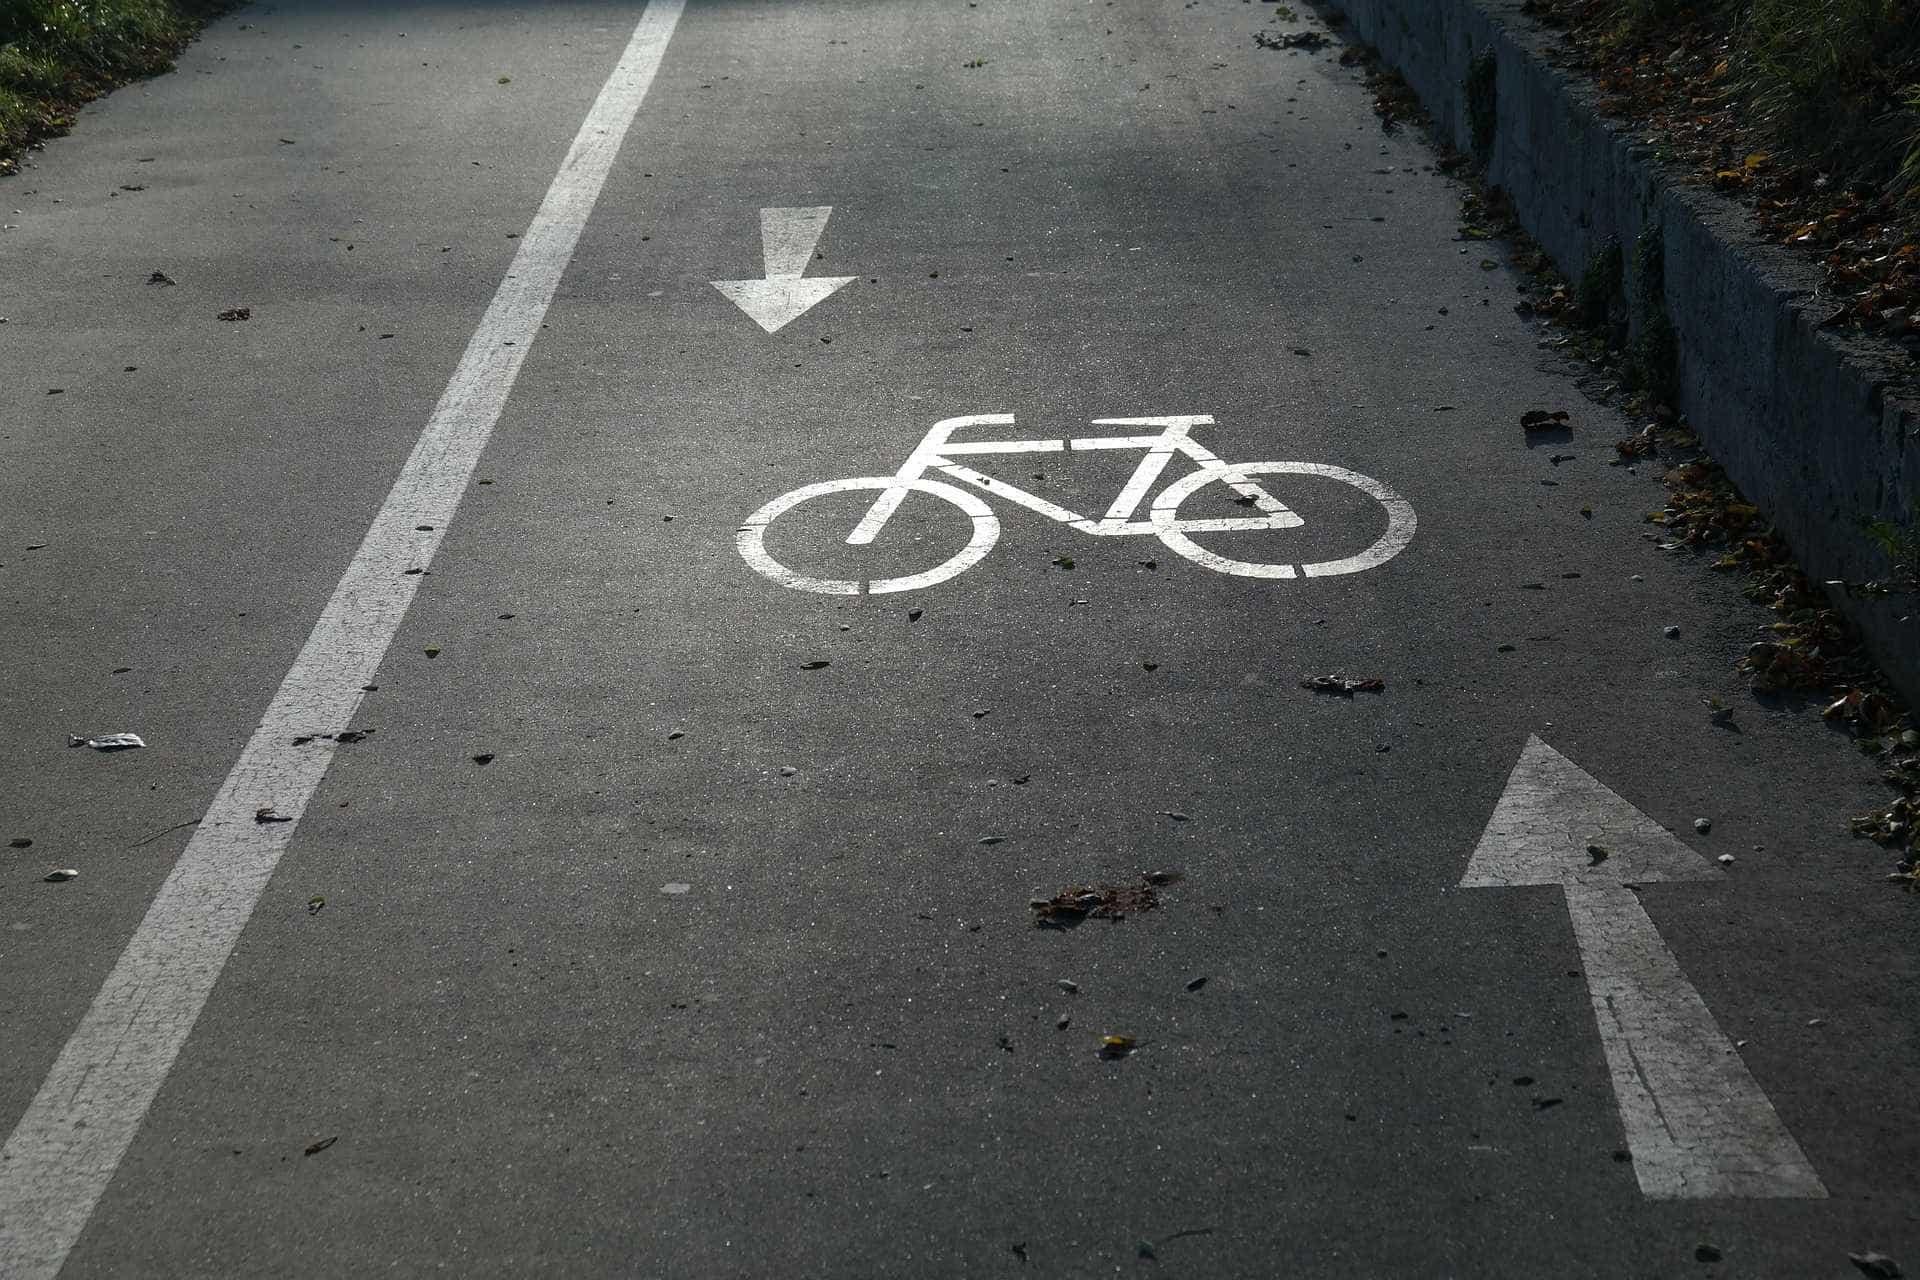 Motorista foge após atropelar e matar ciclista na rodovia Anhanguera